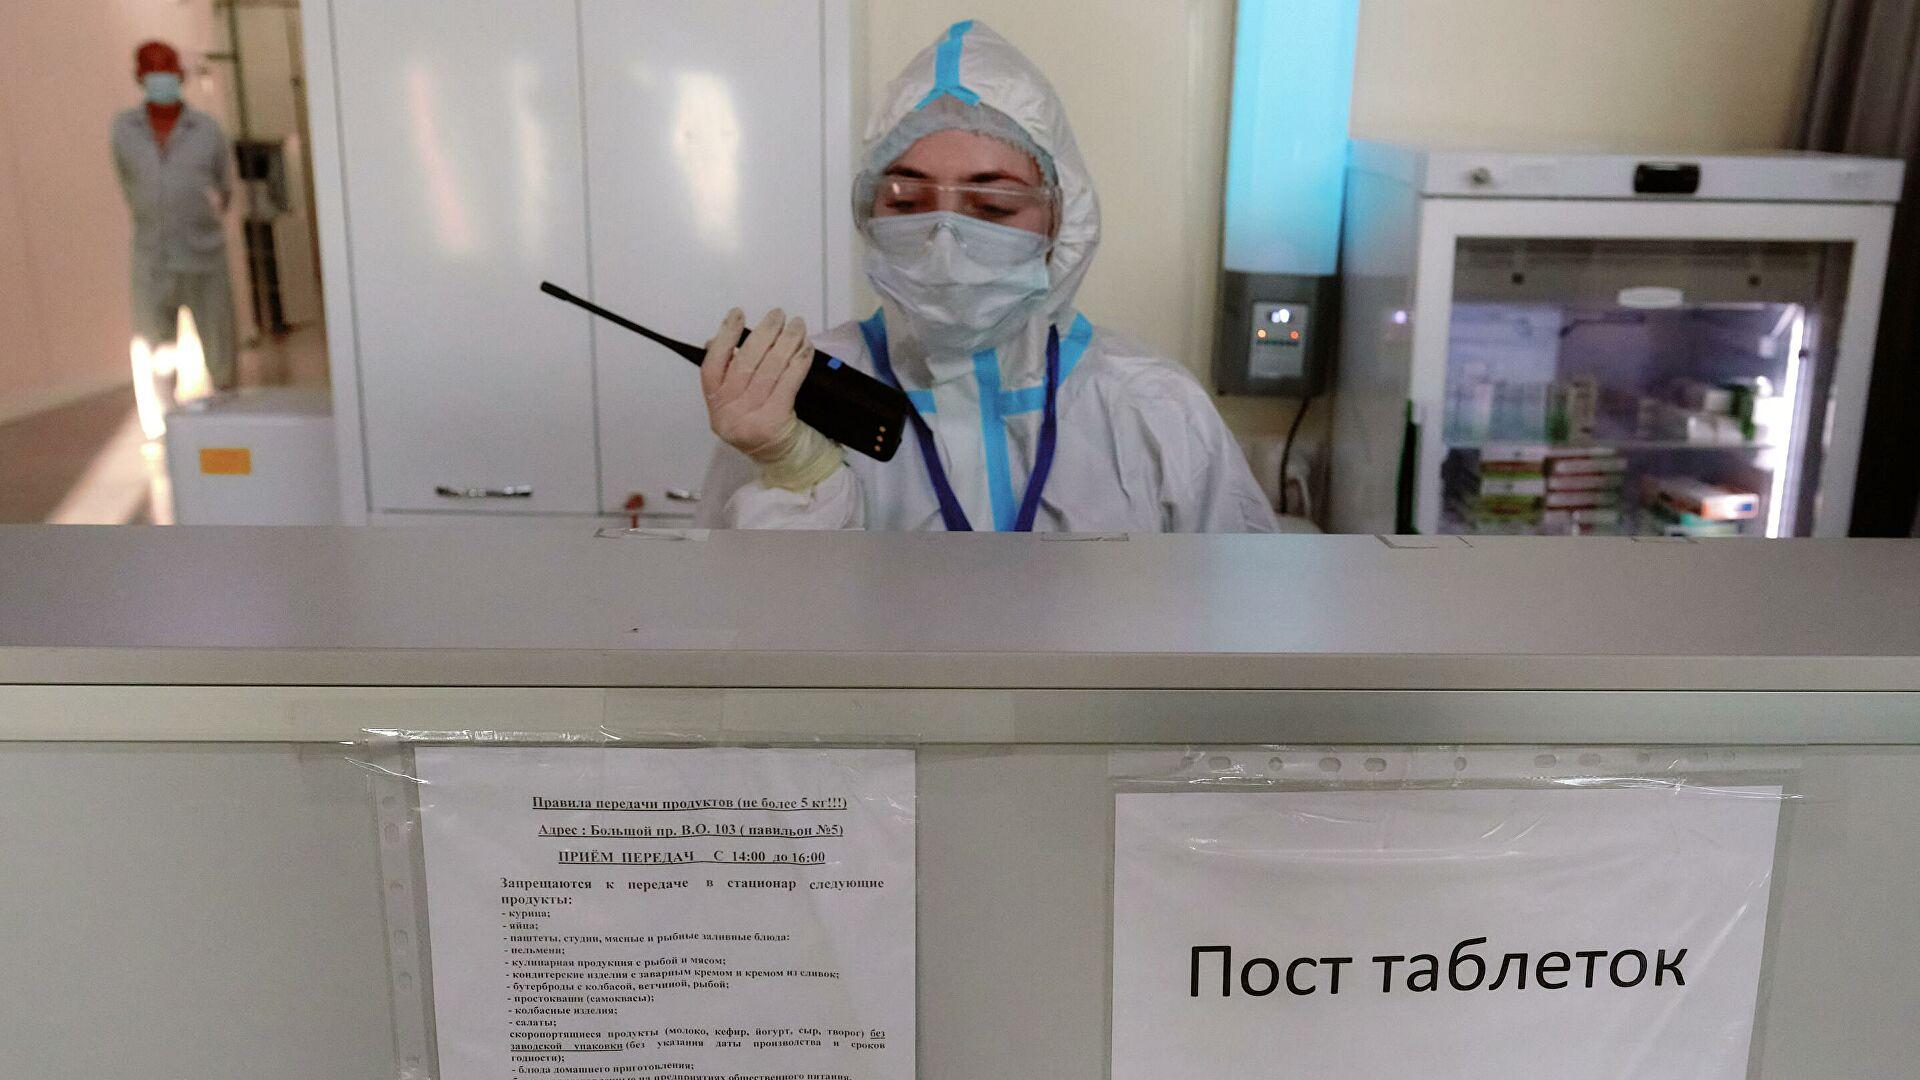 Беглов оценил ситуацию с коронавирусом в Петербурге